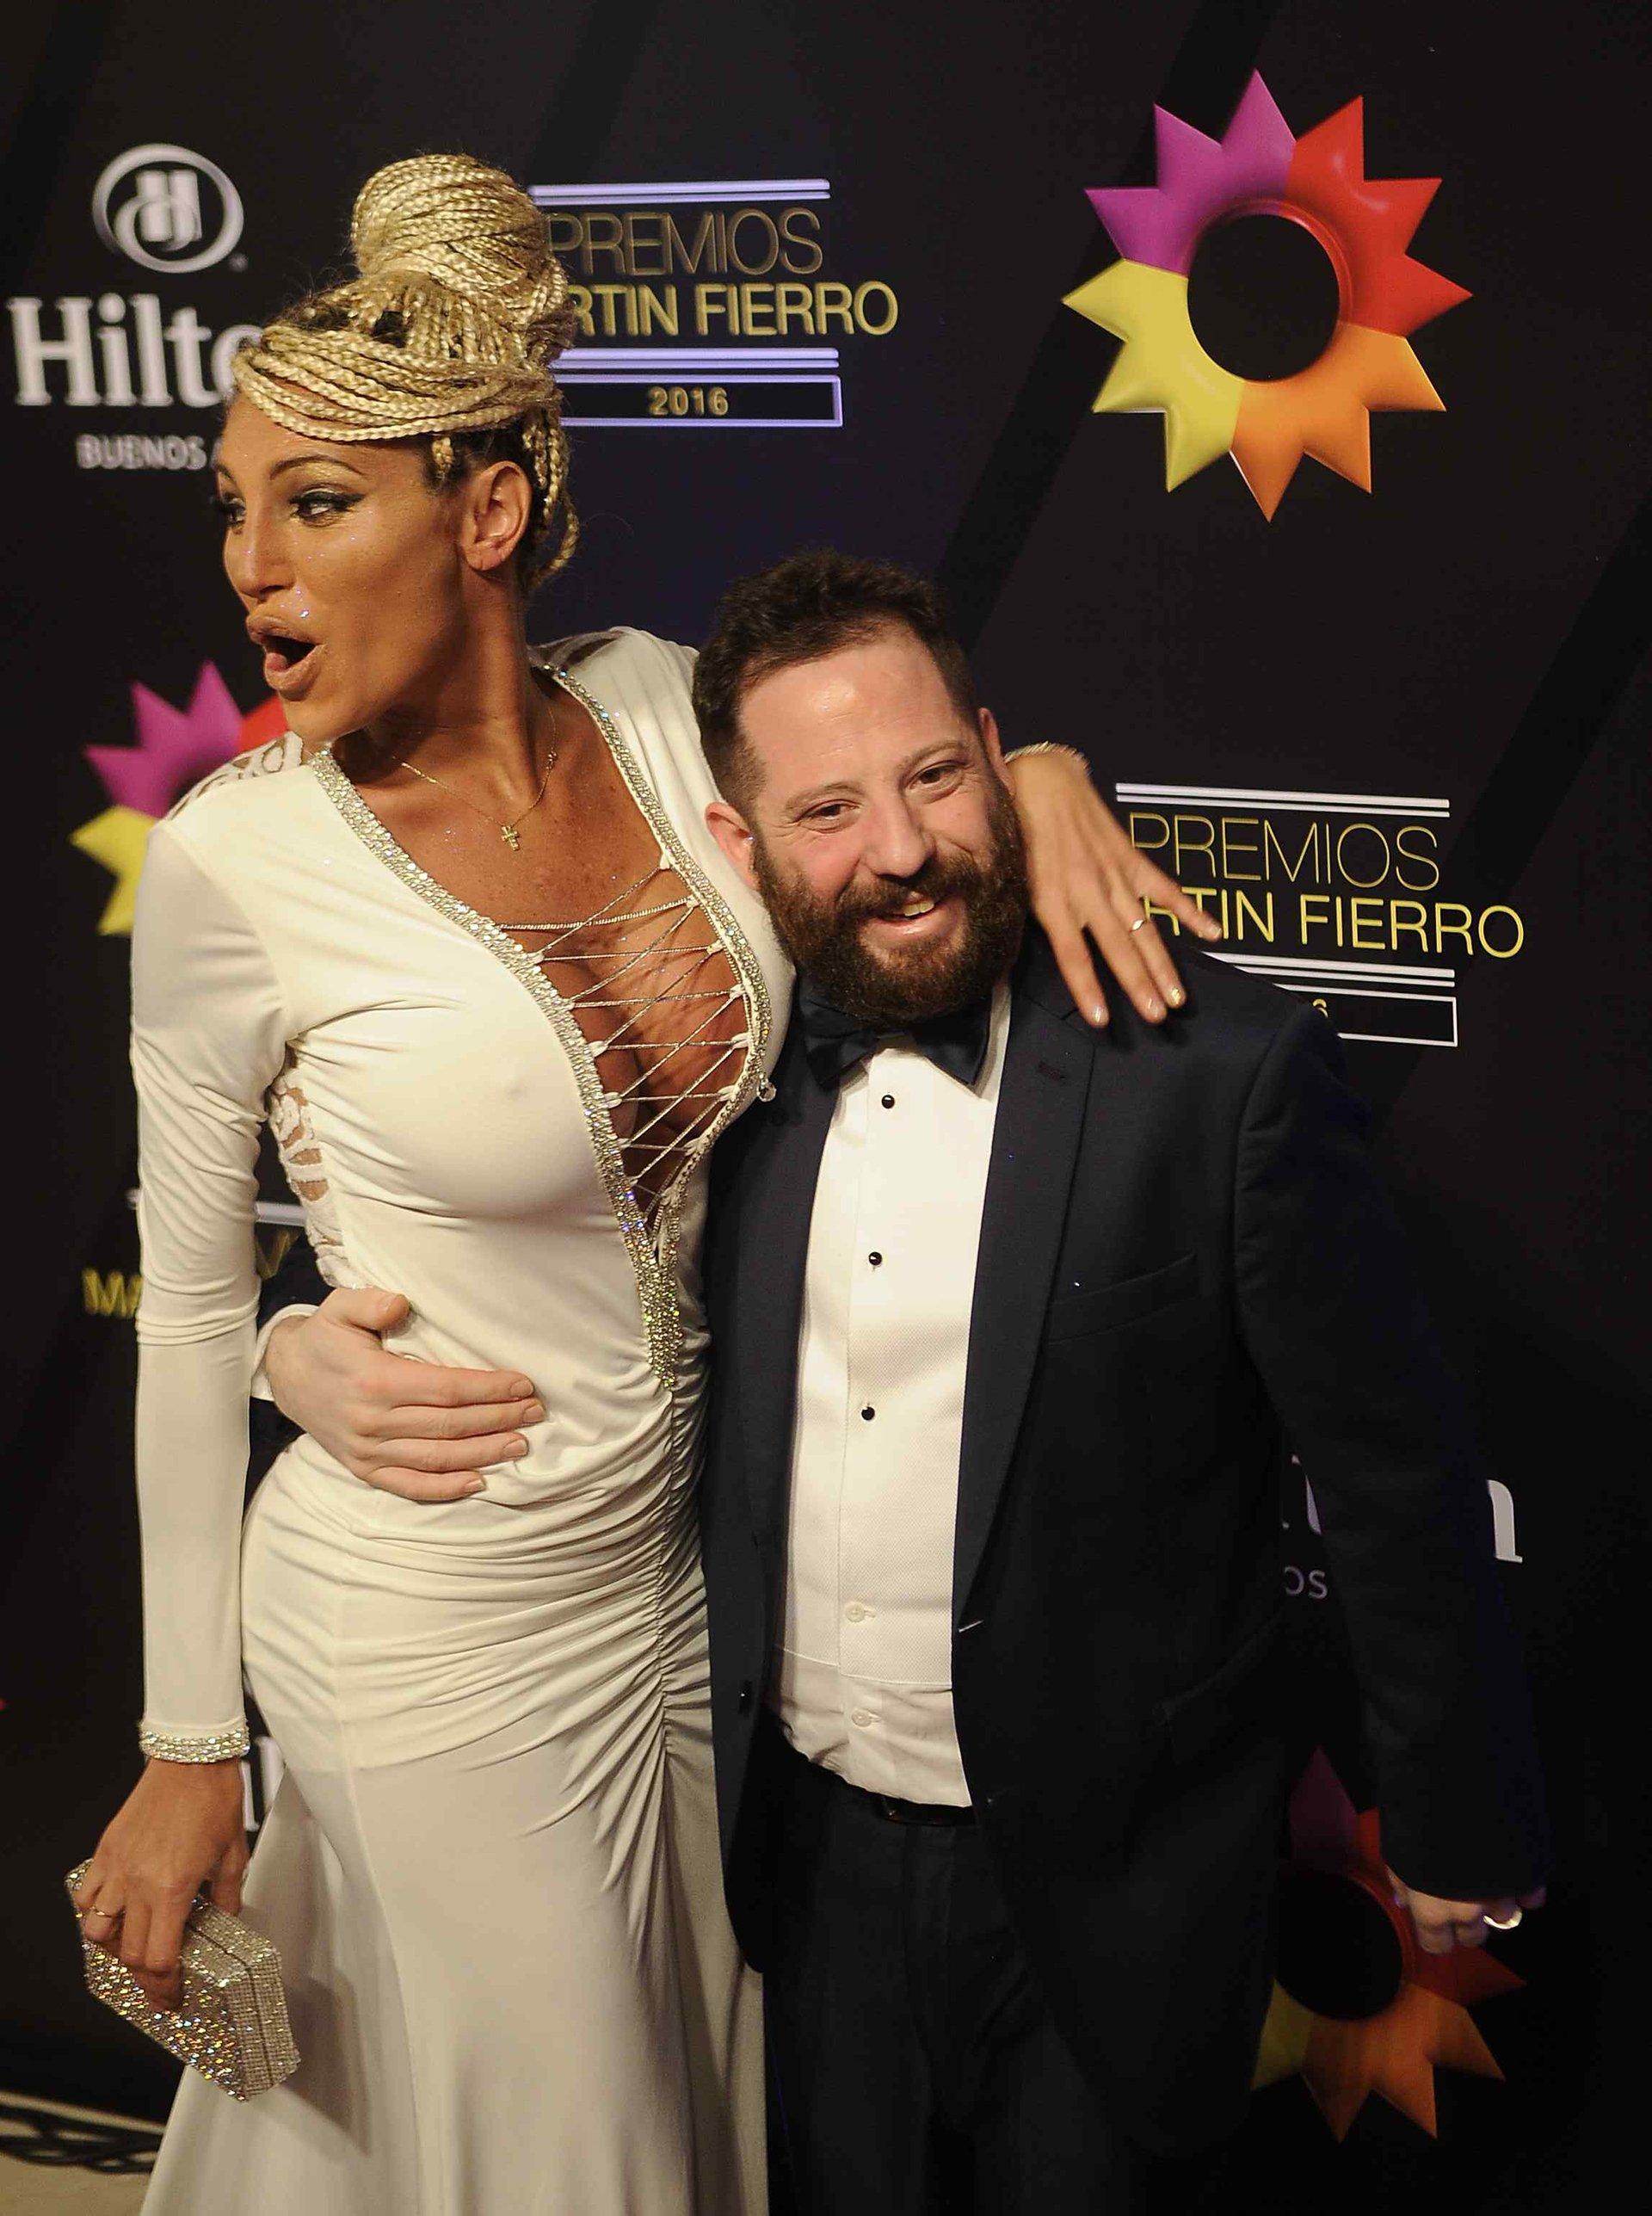 La vedette Vicky Xipolitakis y el diputado kirchnerista José Ottavis, la pareja que más llamó la atención en la noche de los Martín Fierro 2016.